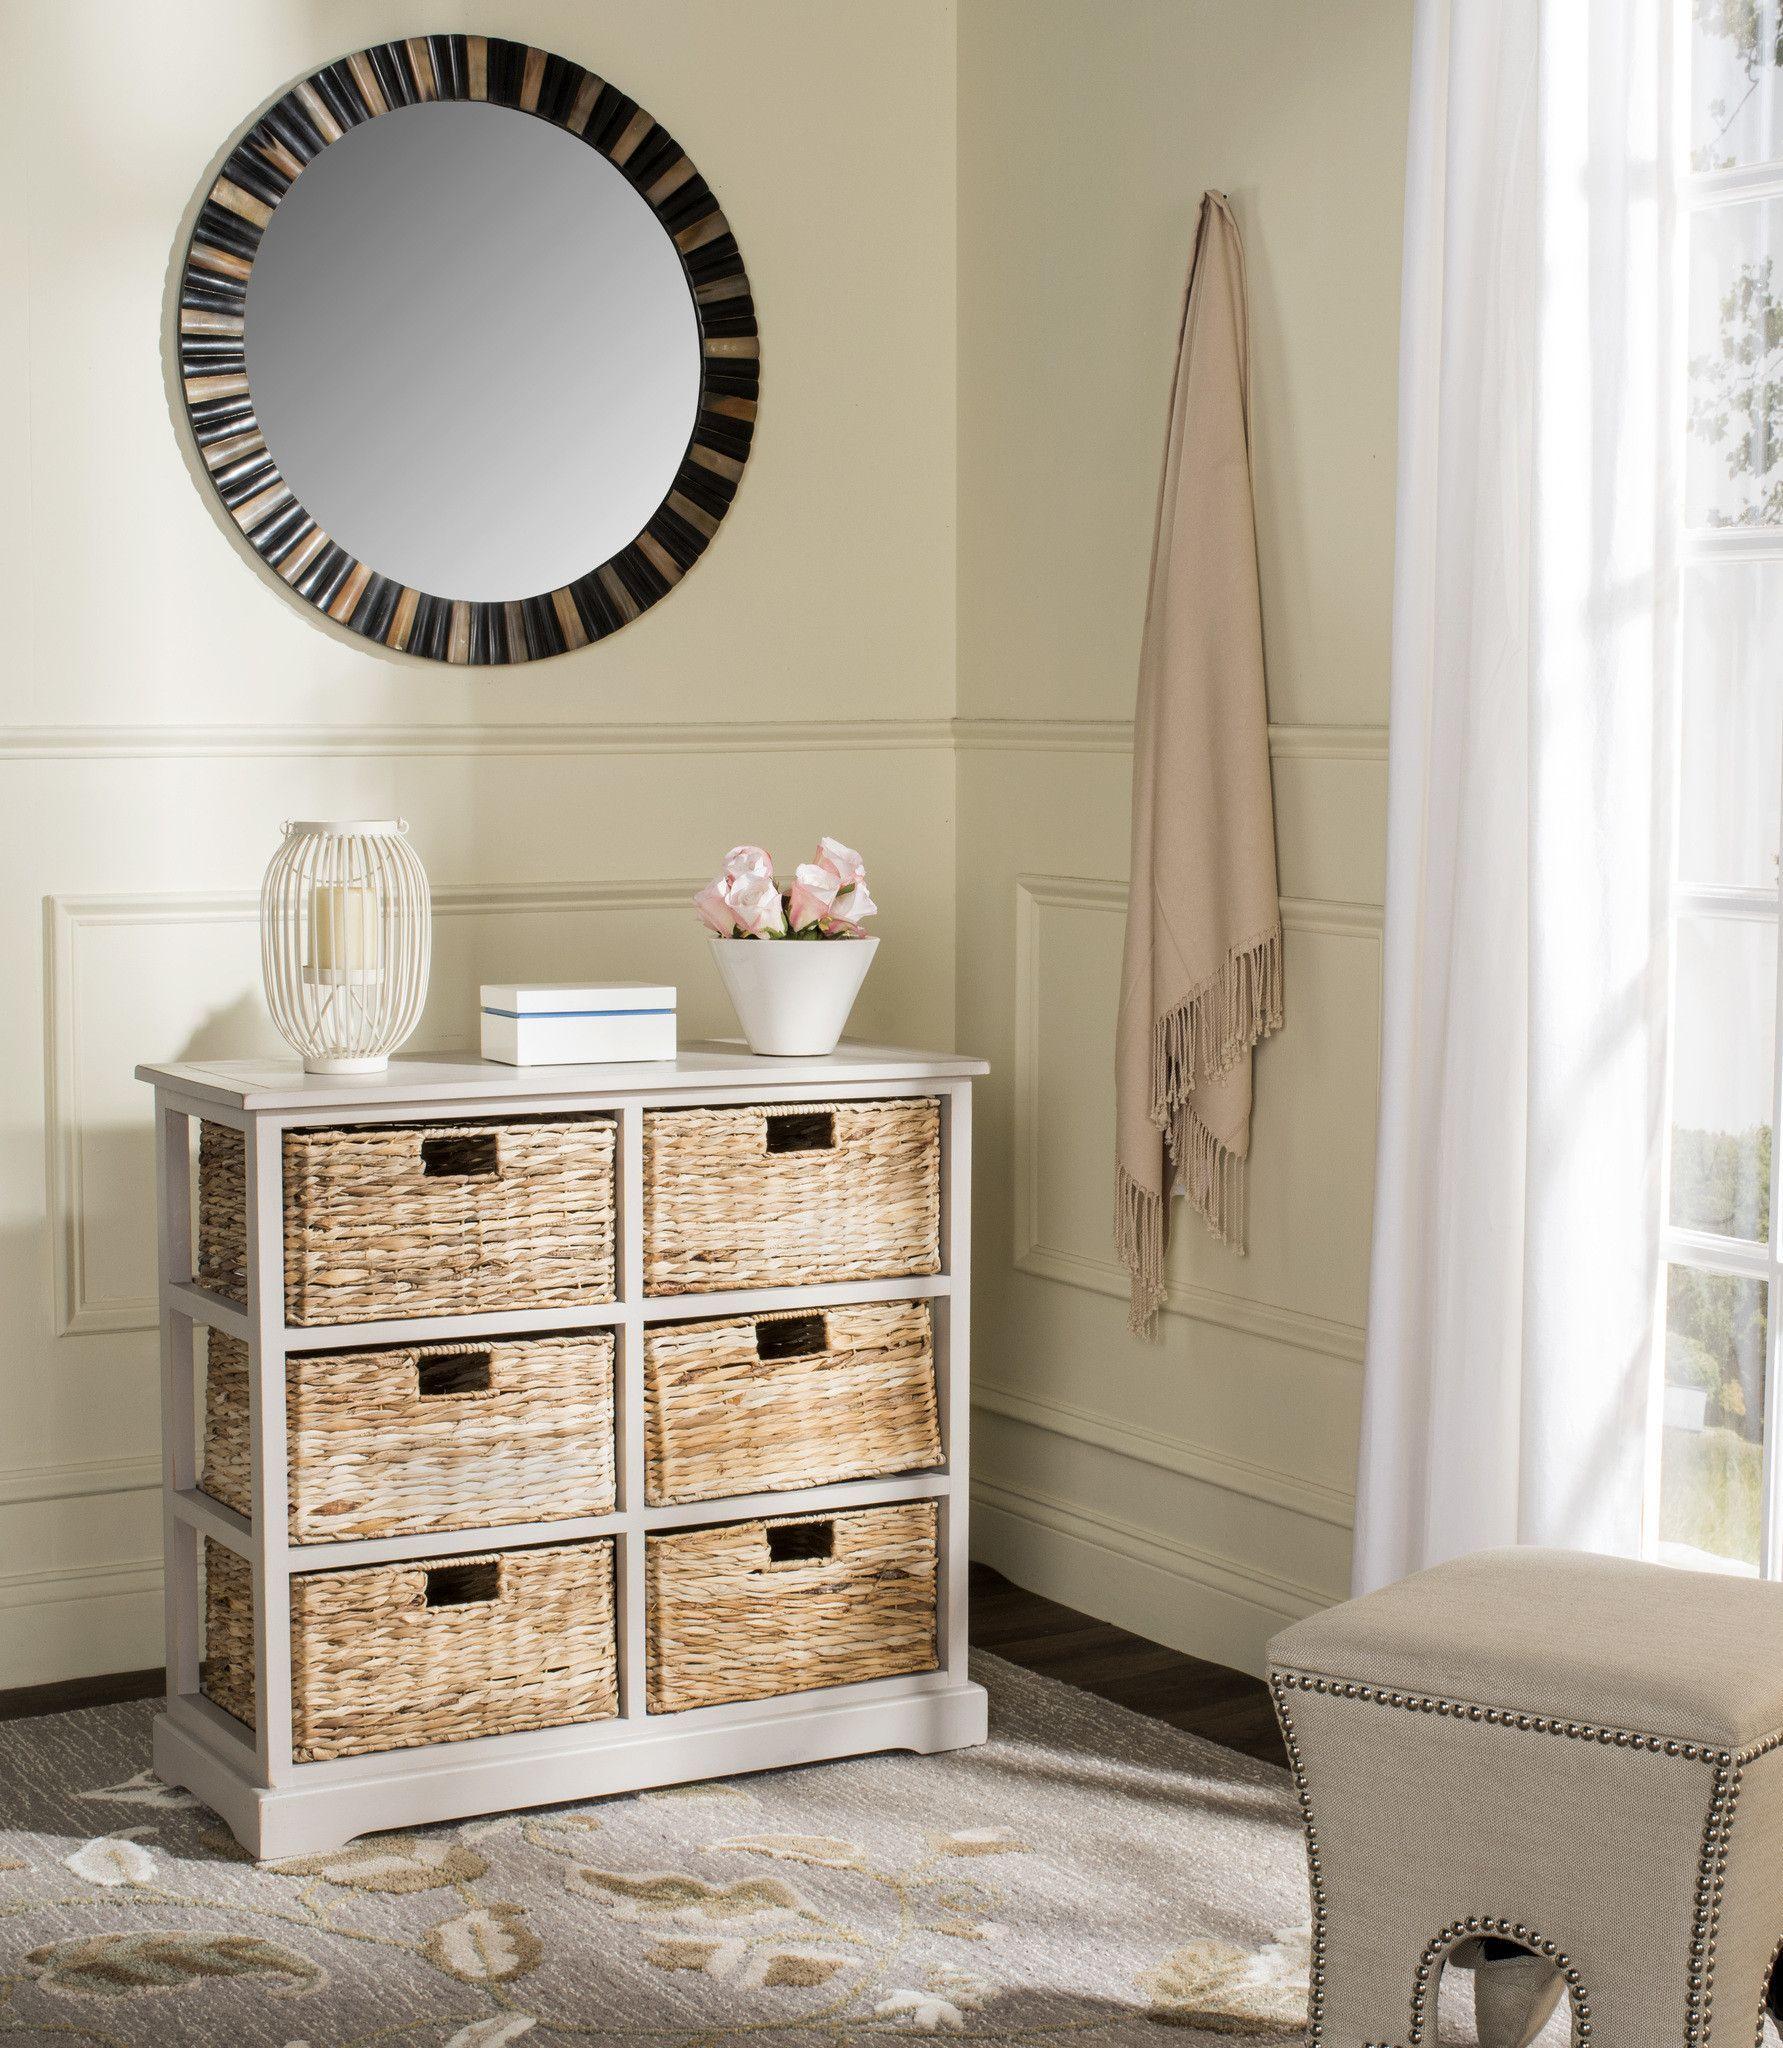 safavieh keenan 6 wicker basket storage chest | products